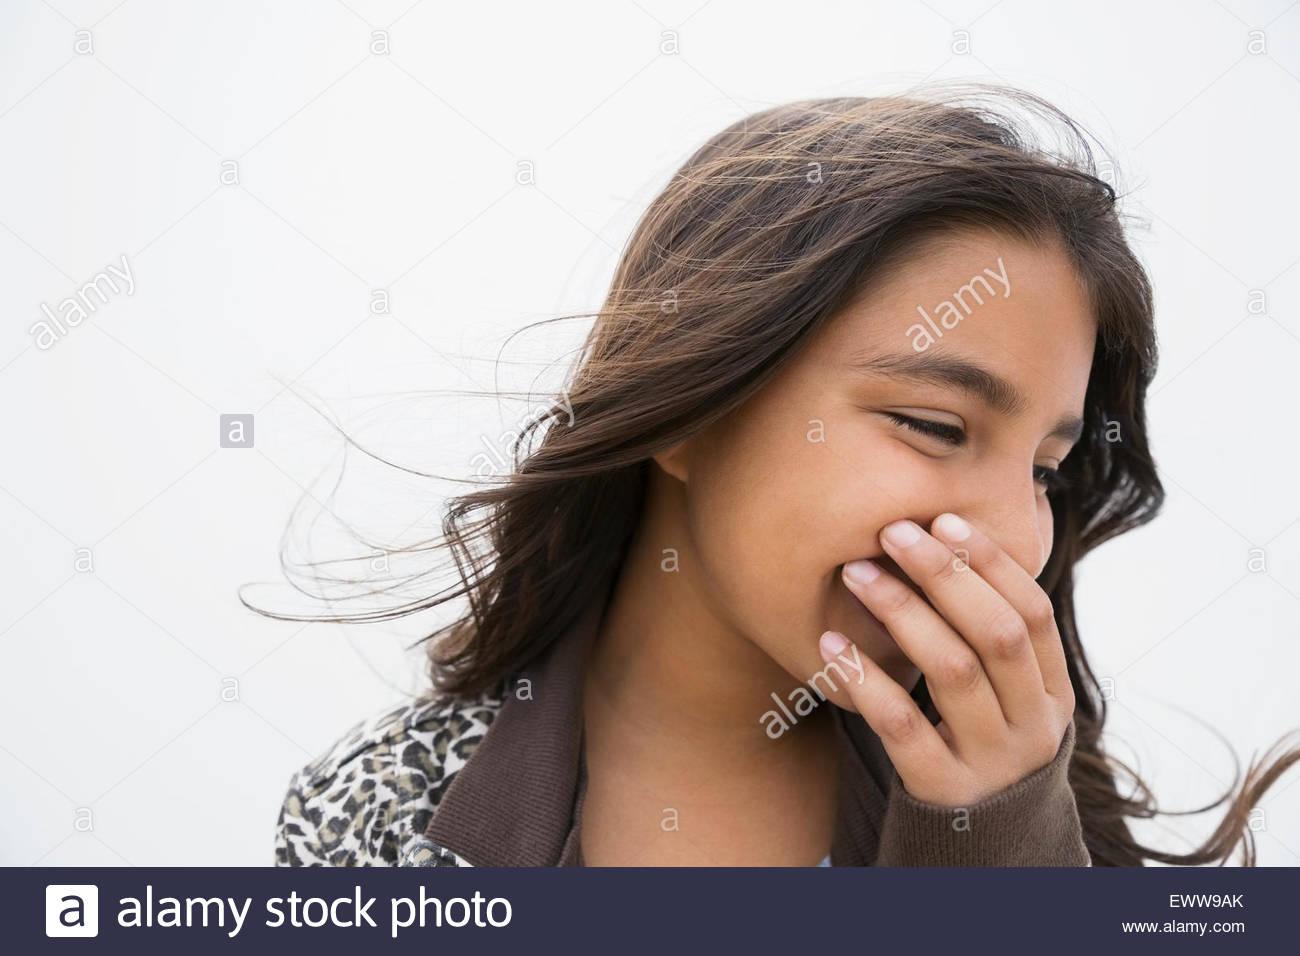 Bruna ragazza ridere che copre la bocca con la mano Immagini Stock